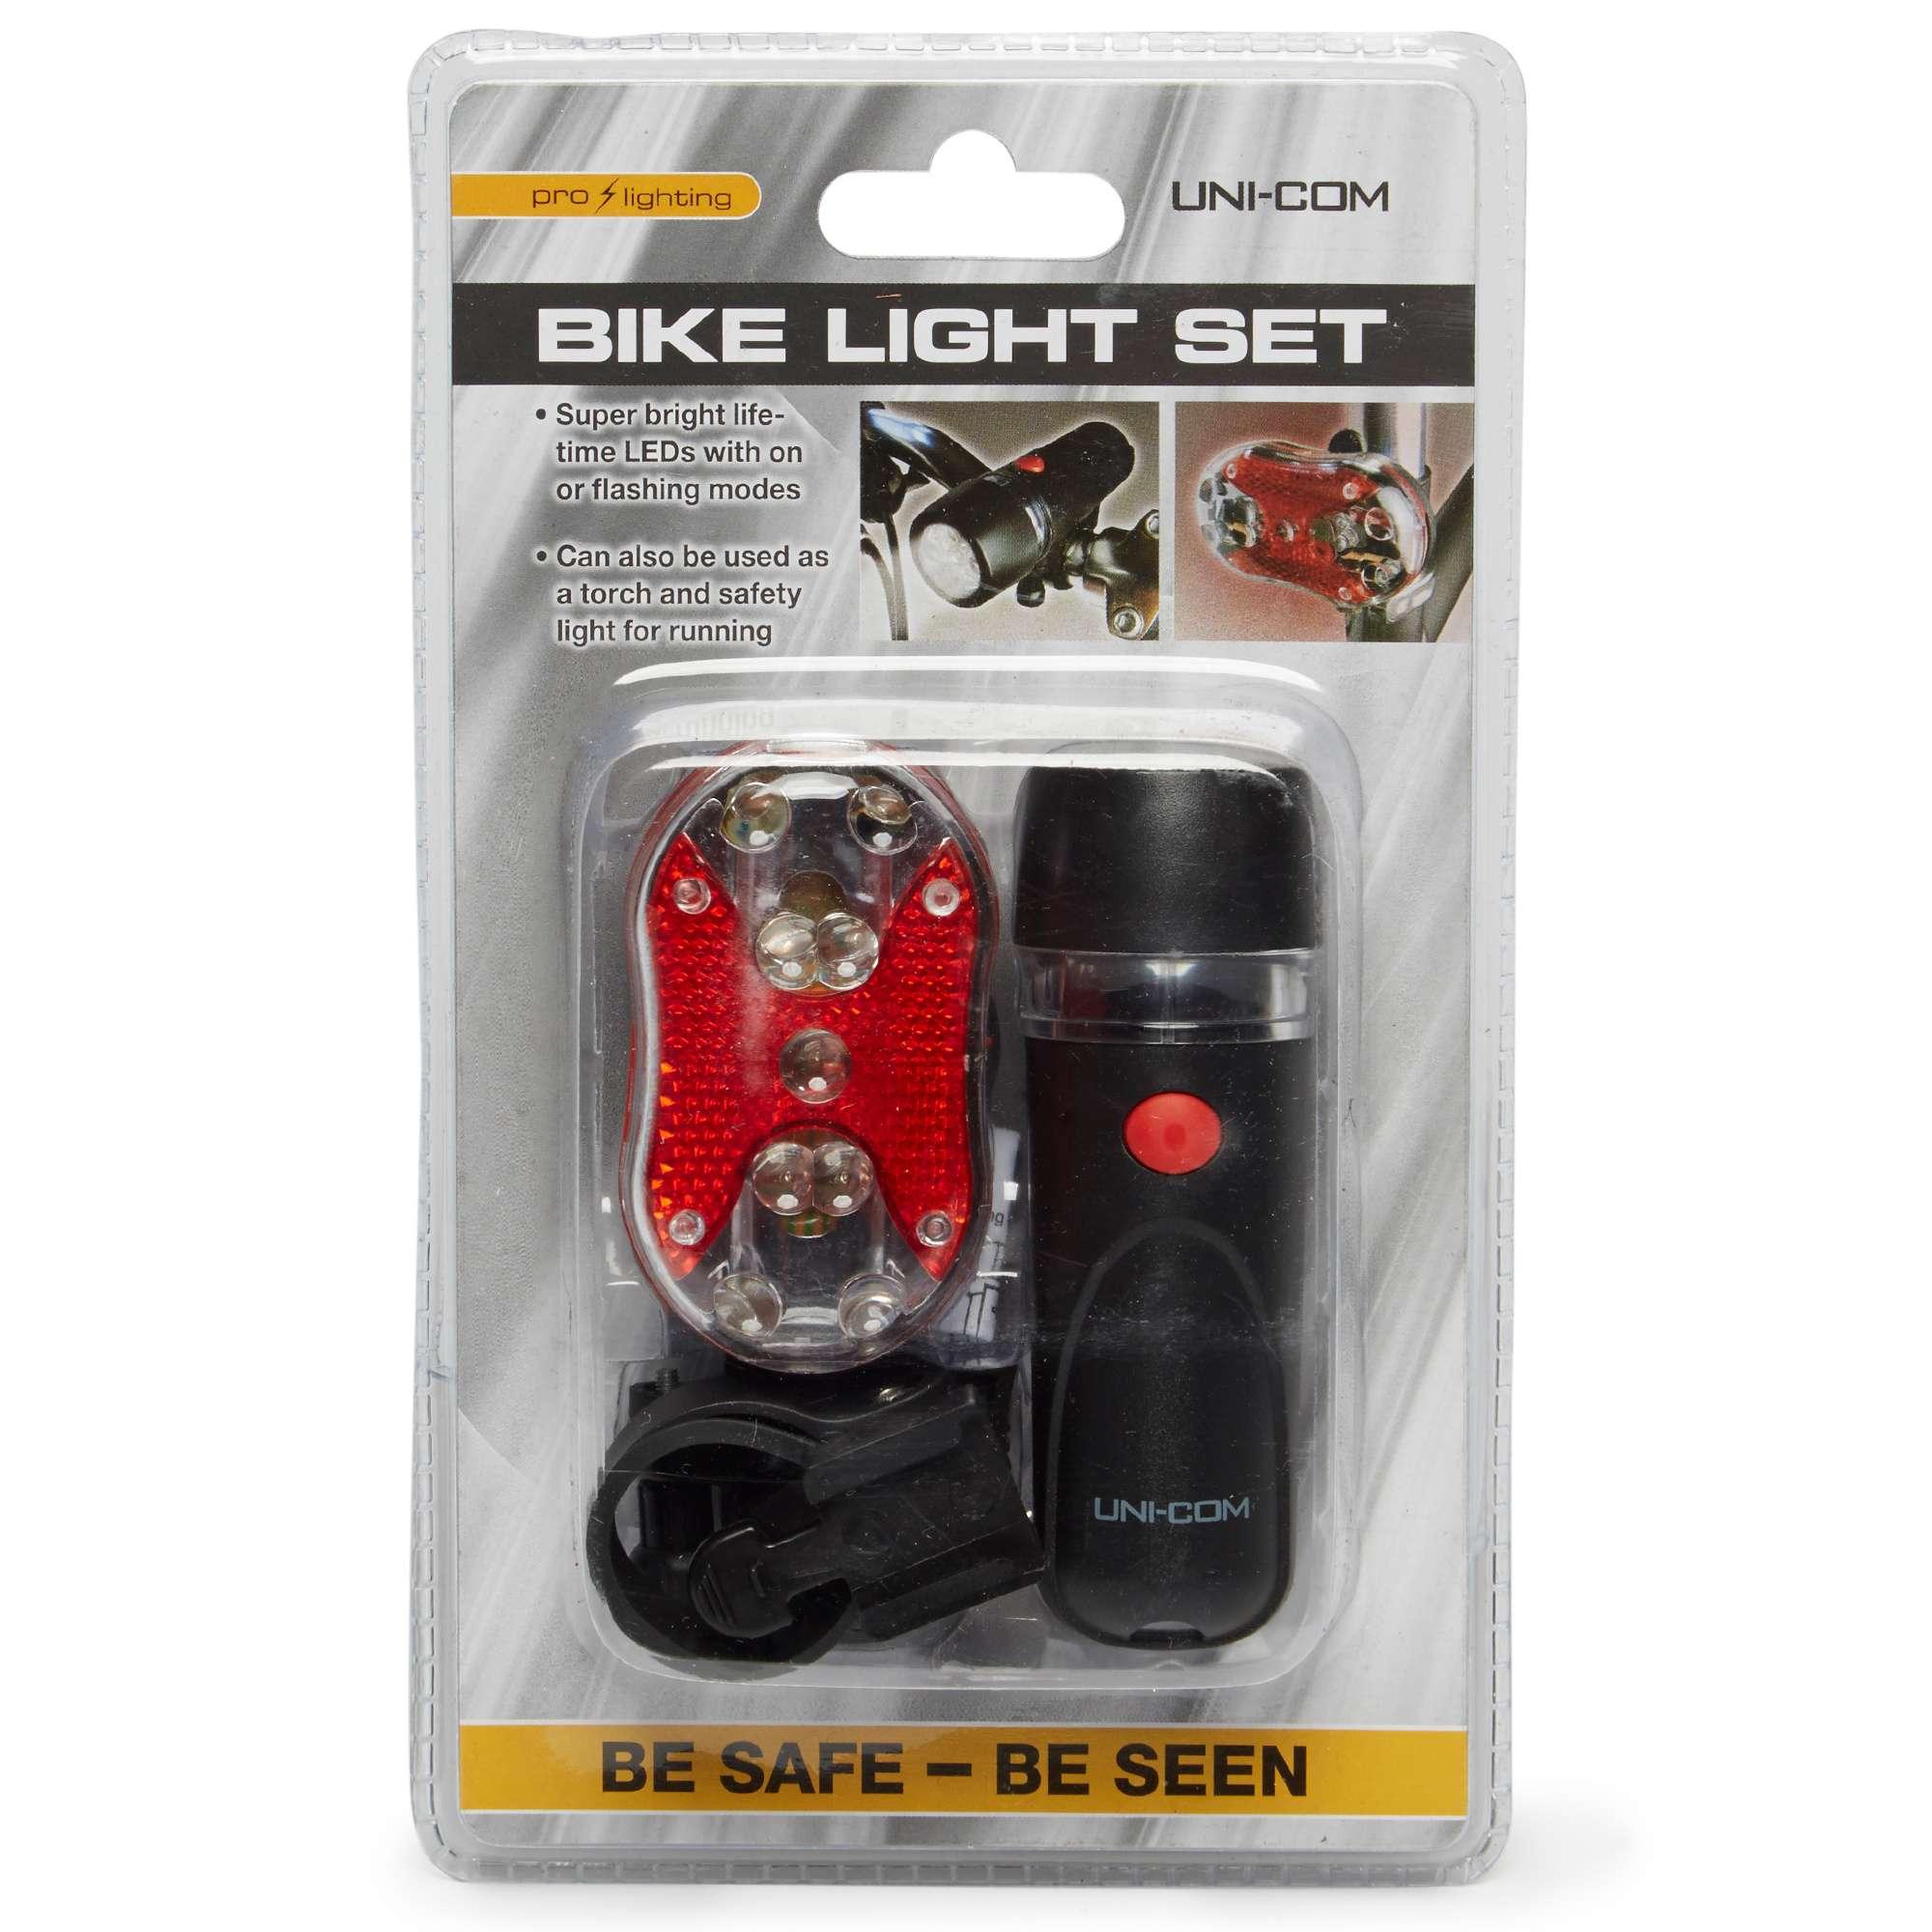 UNICOM Bike Light Set